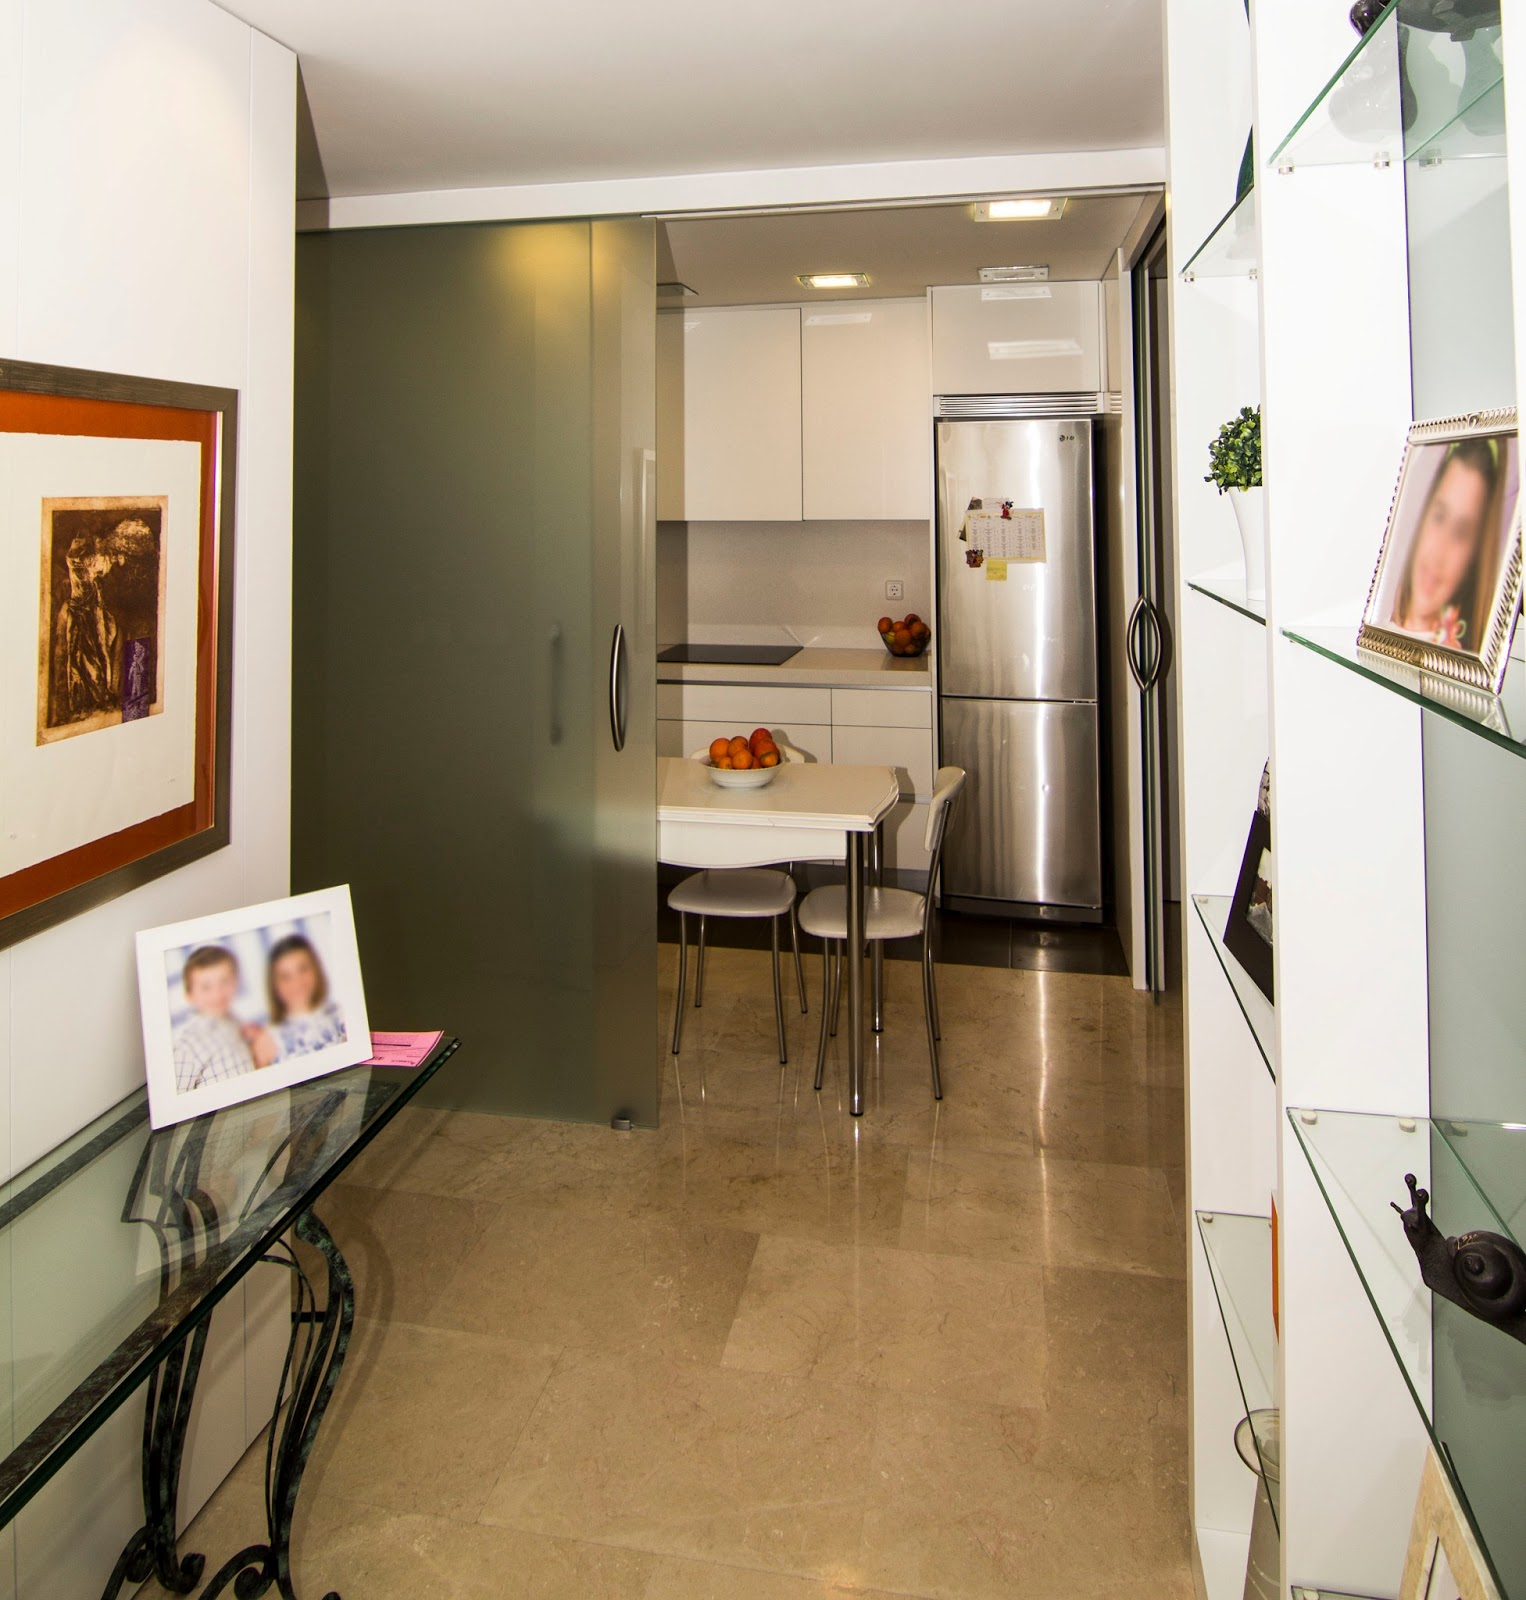 Nivel diez cocina abierta al sal n for Cocinas abiertas al pasillo